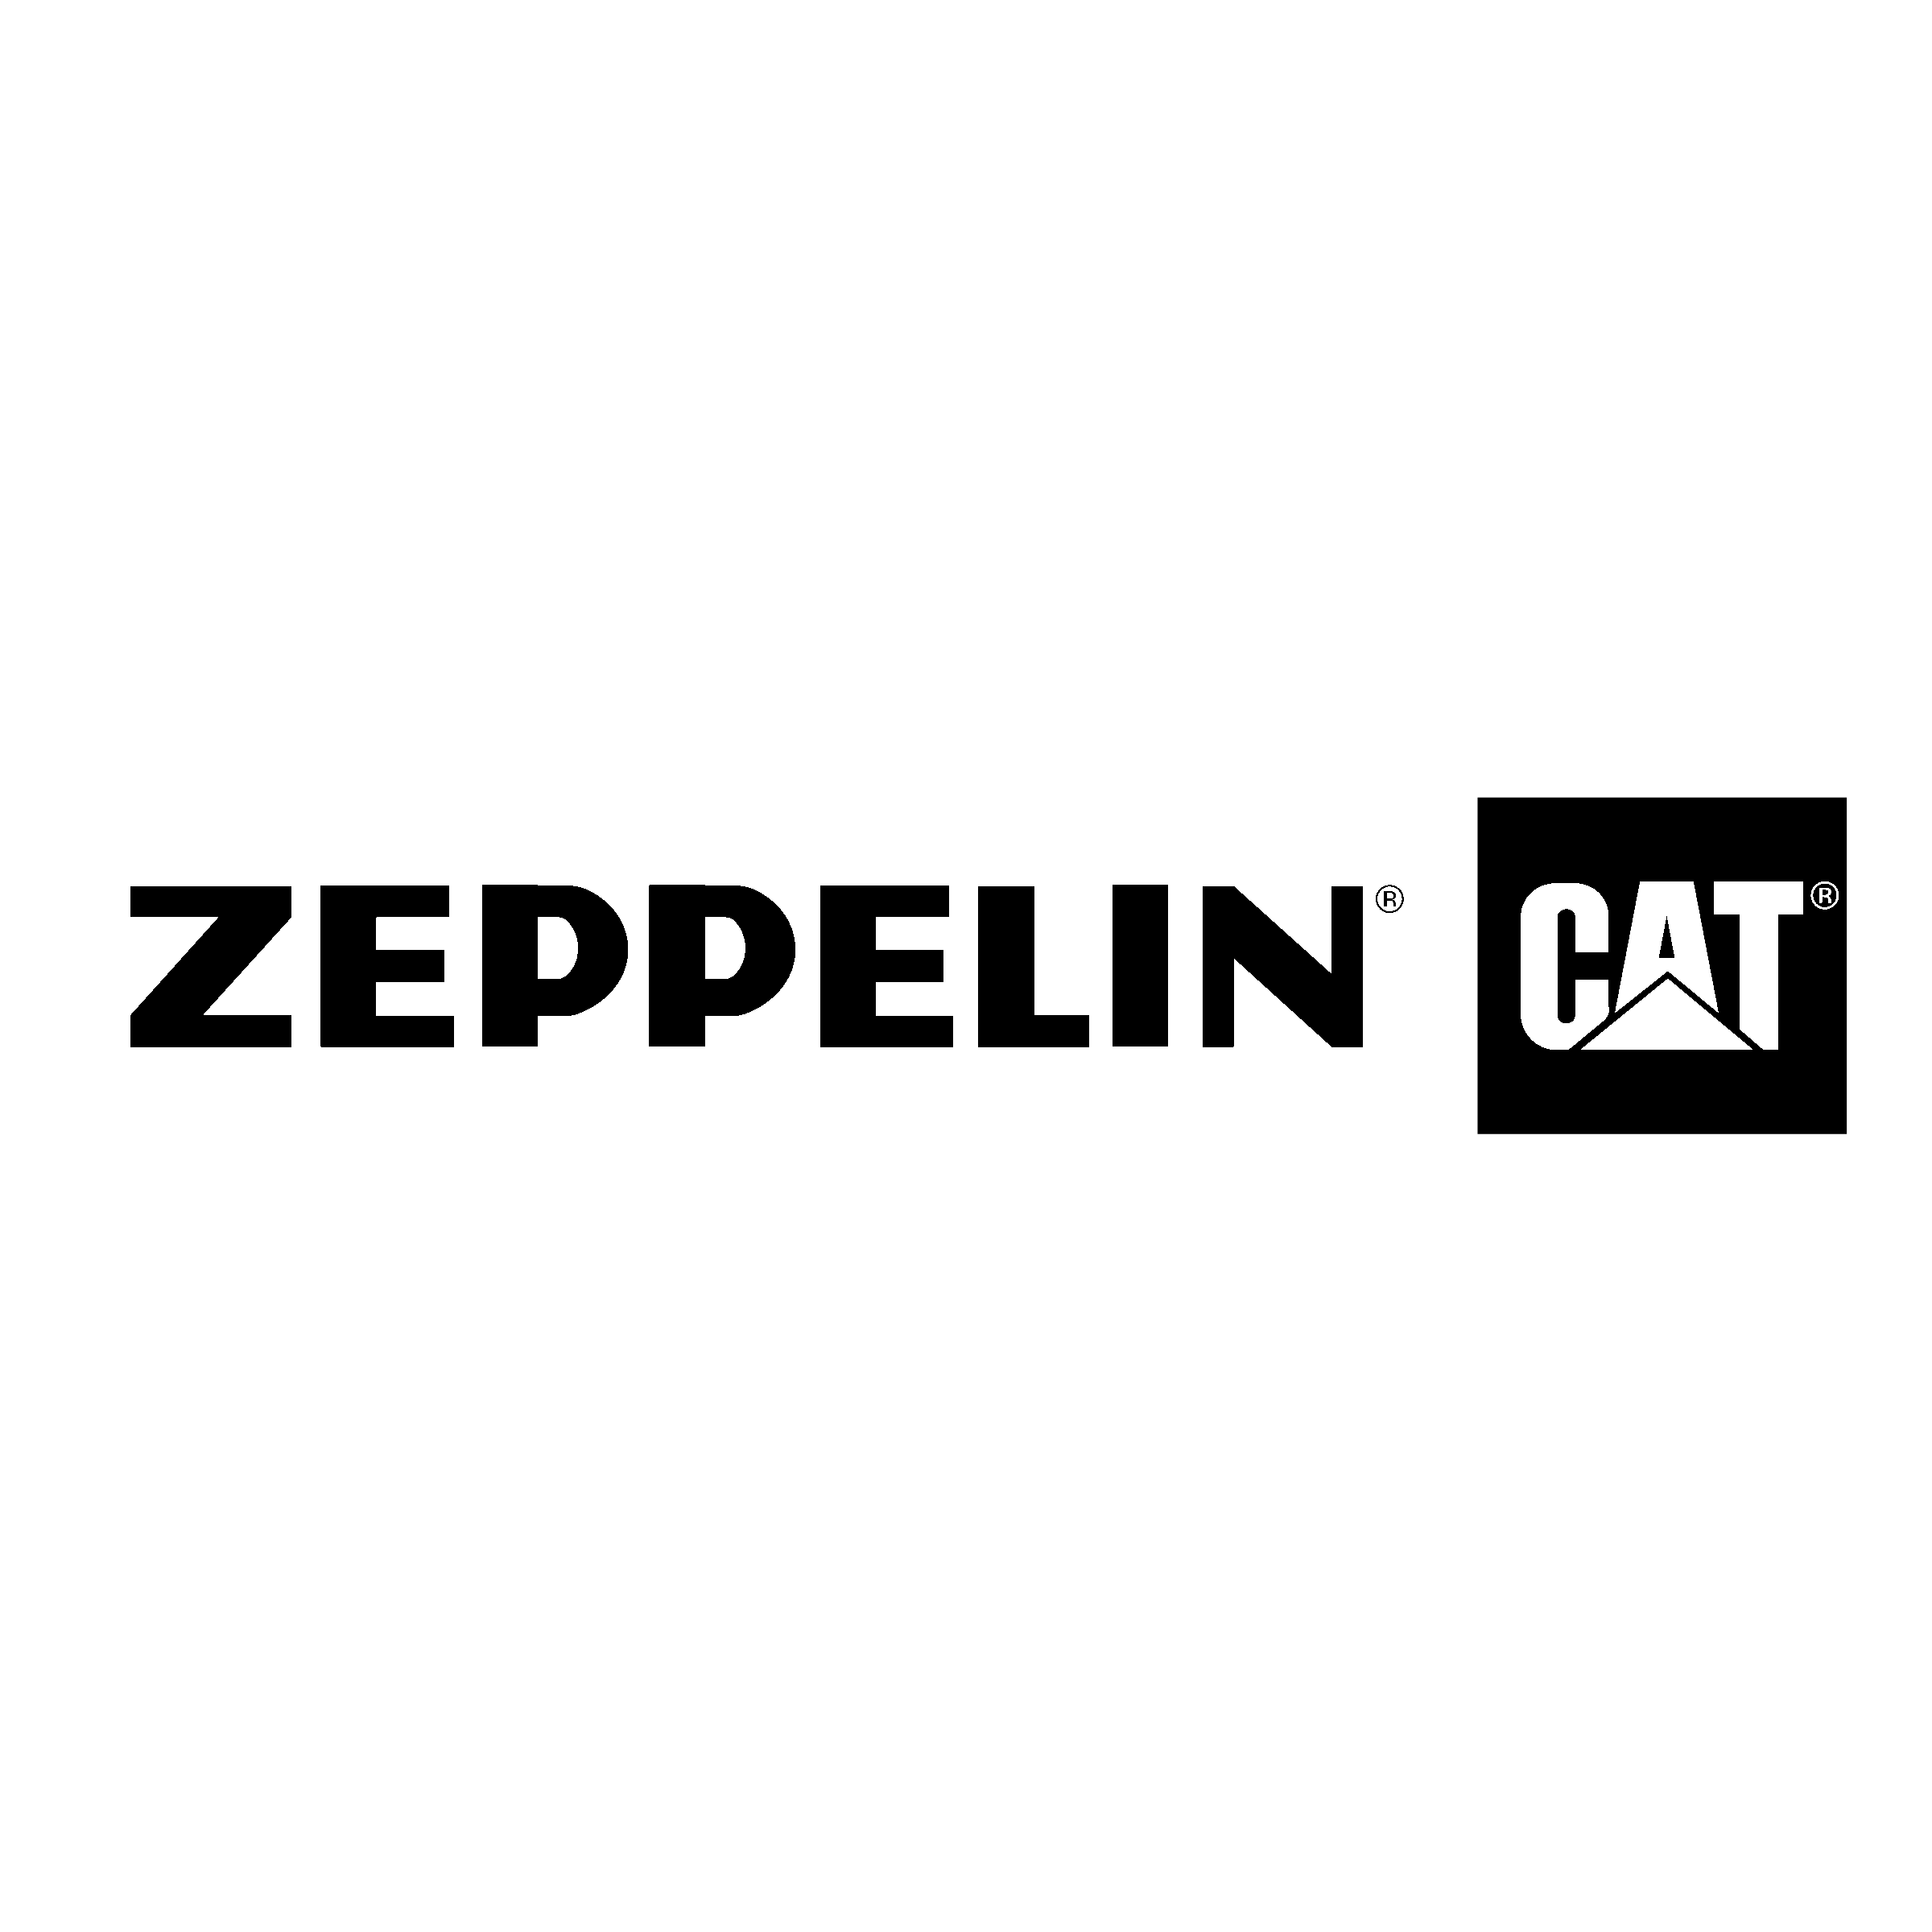 Zeppelin Caterpillar Logo Png Transparent Svg Vector Freebie Supply